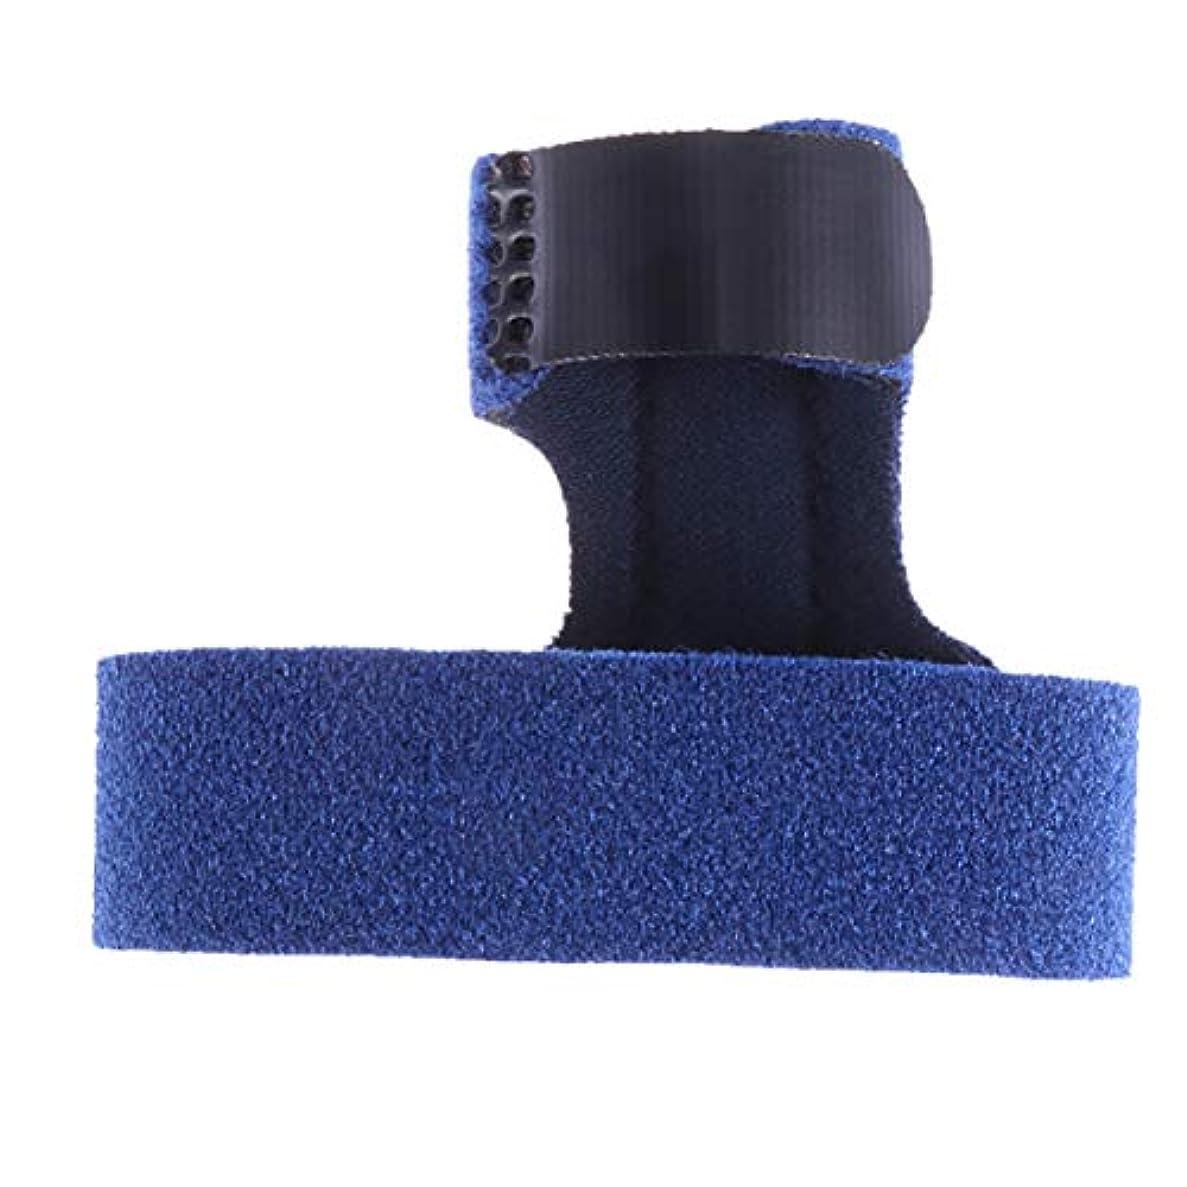 威する割り込みくつろぐSUPVOX フィンガーエクステンションスプリントサポートベルトブレースの痛み緩和のための男性女性フィンガープロテクター